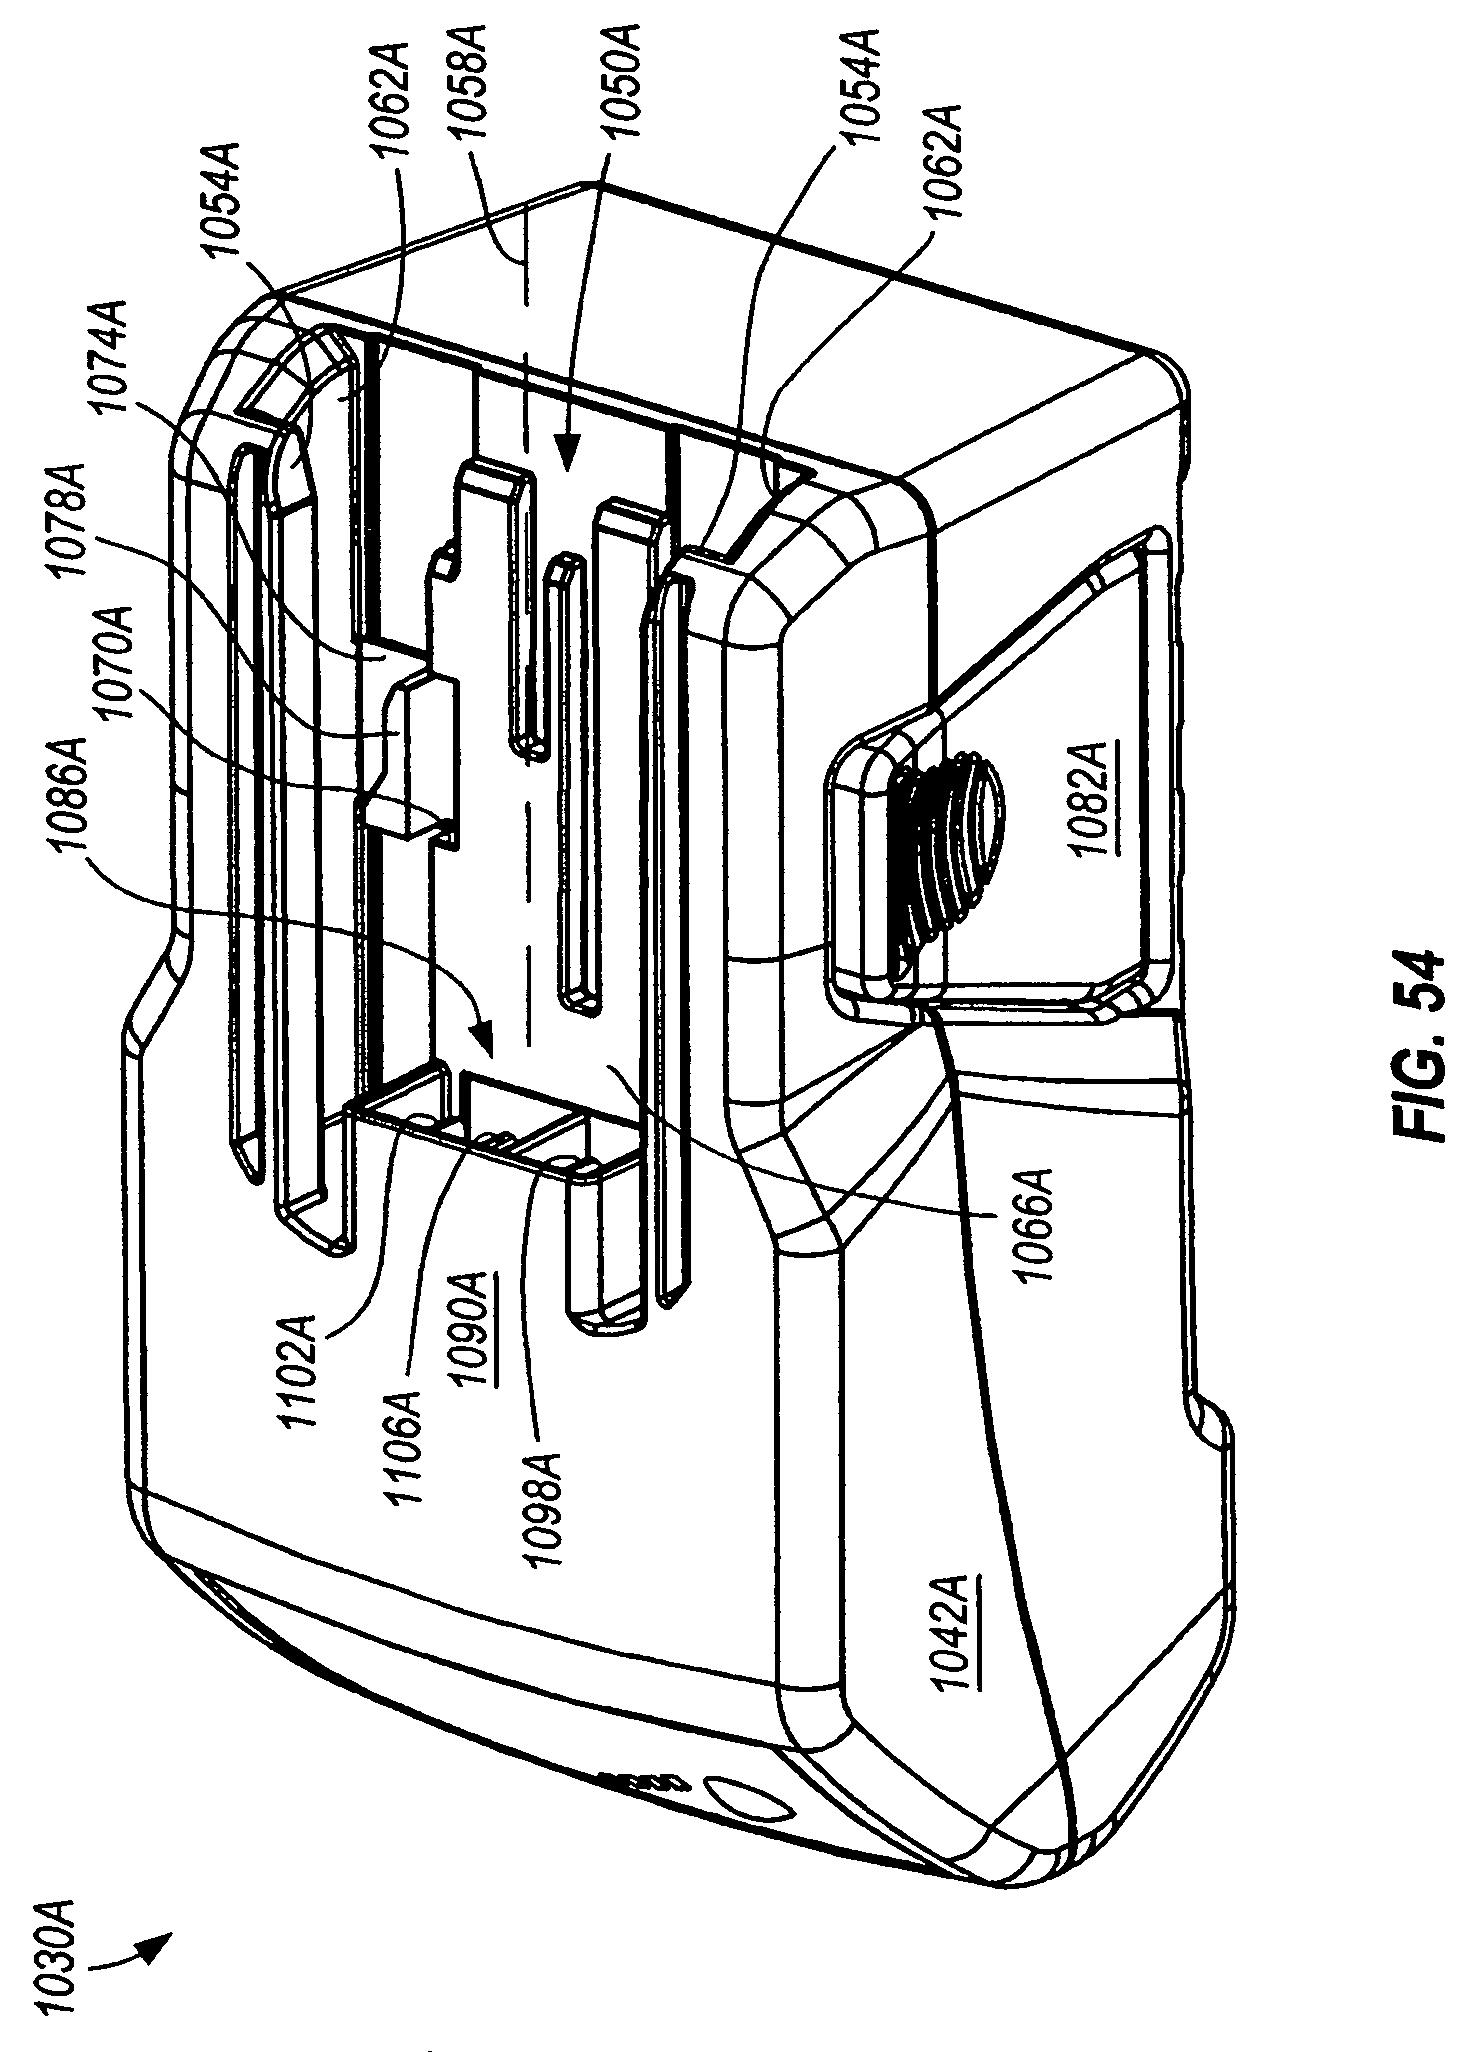 patent us7164257